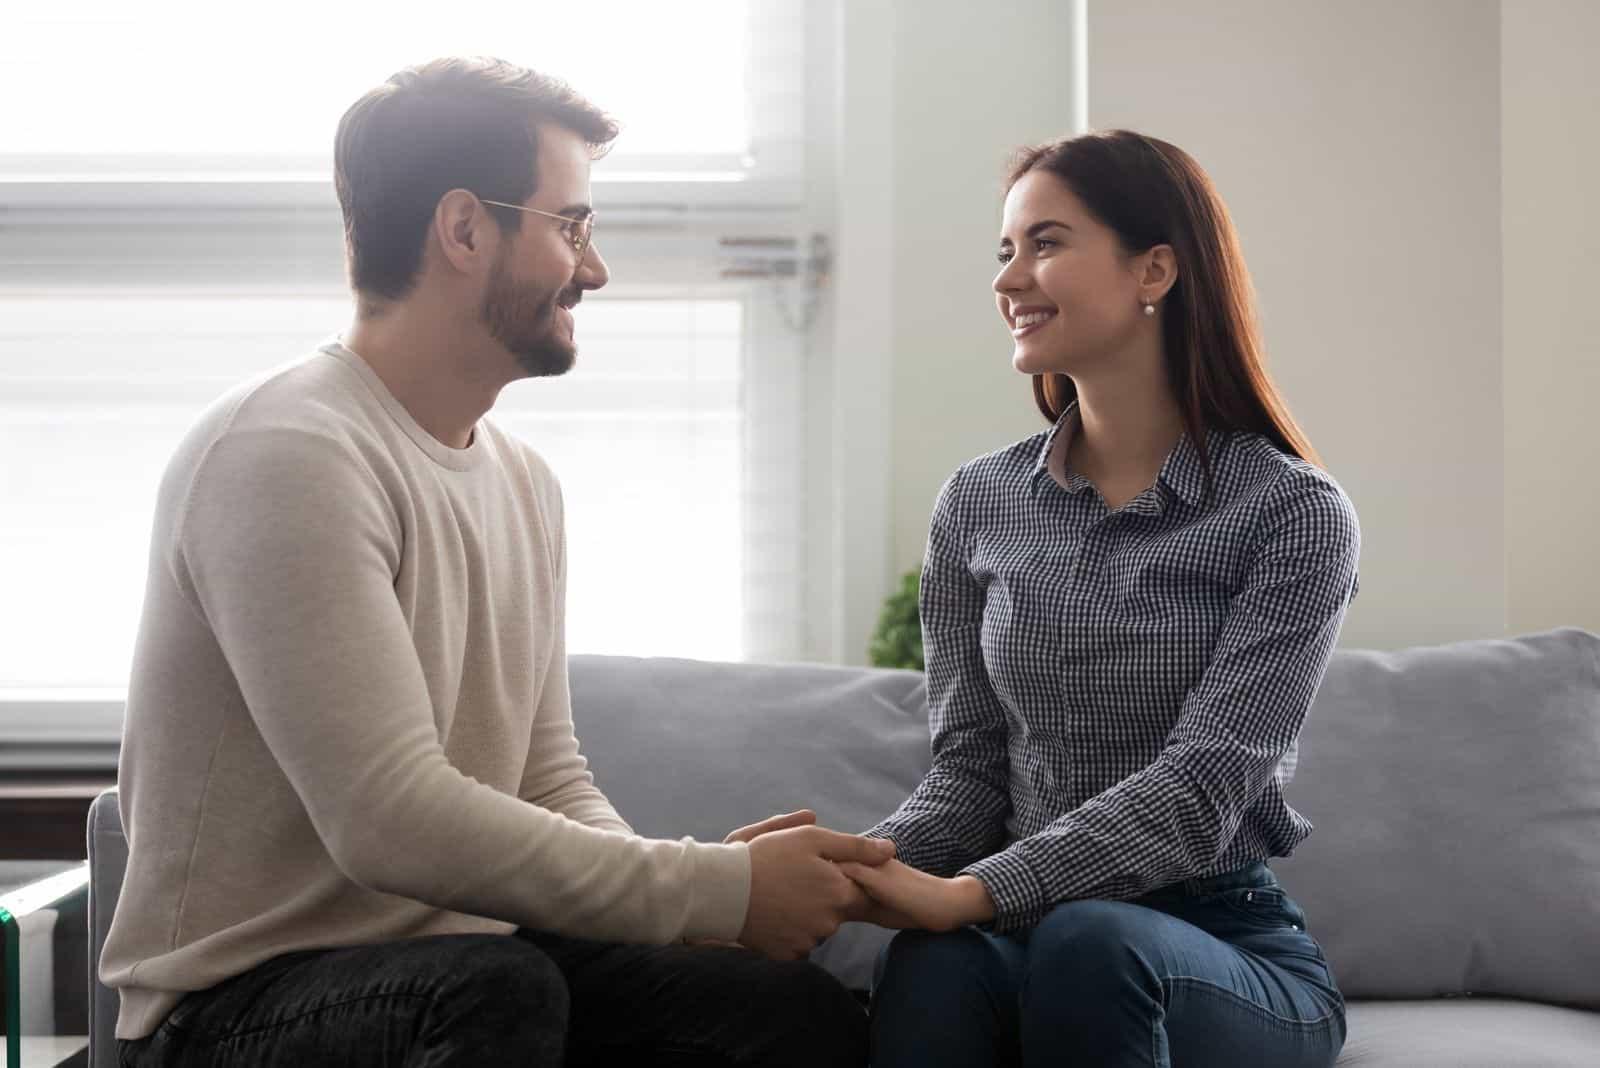 glücklicher junger Mann Händchenhalten der Frau im Wohnzimmer